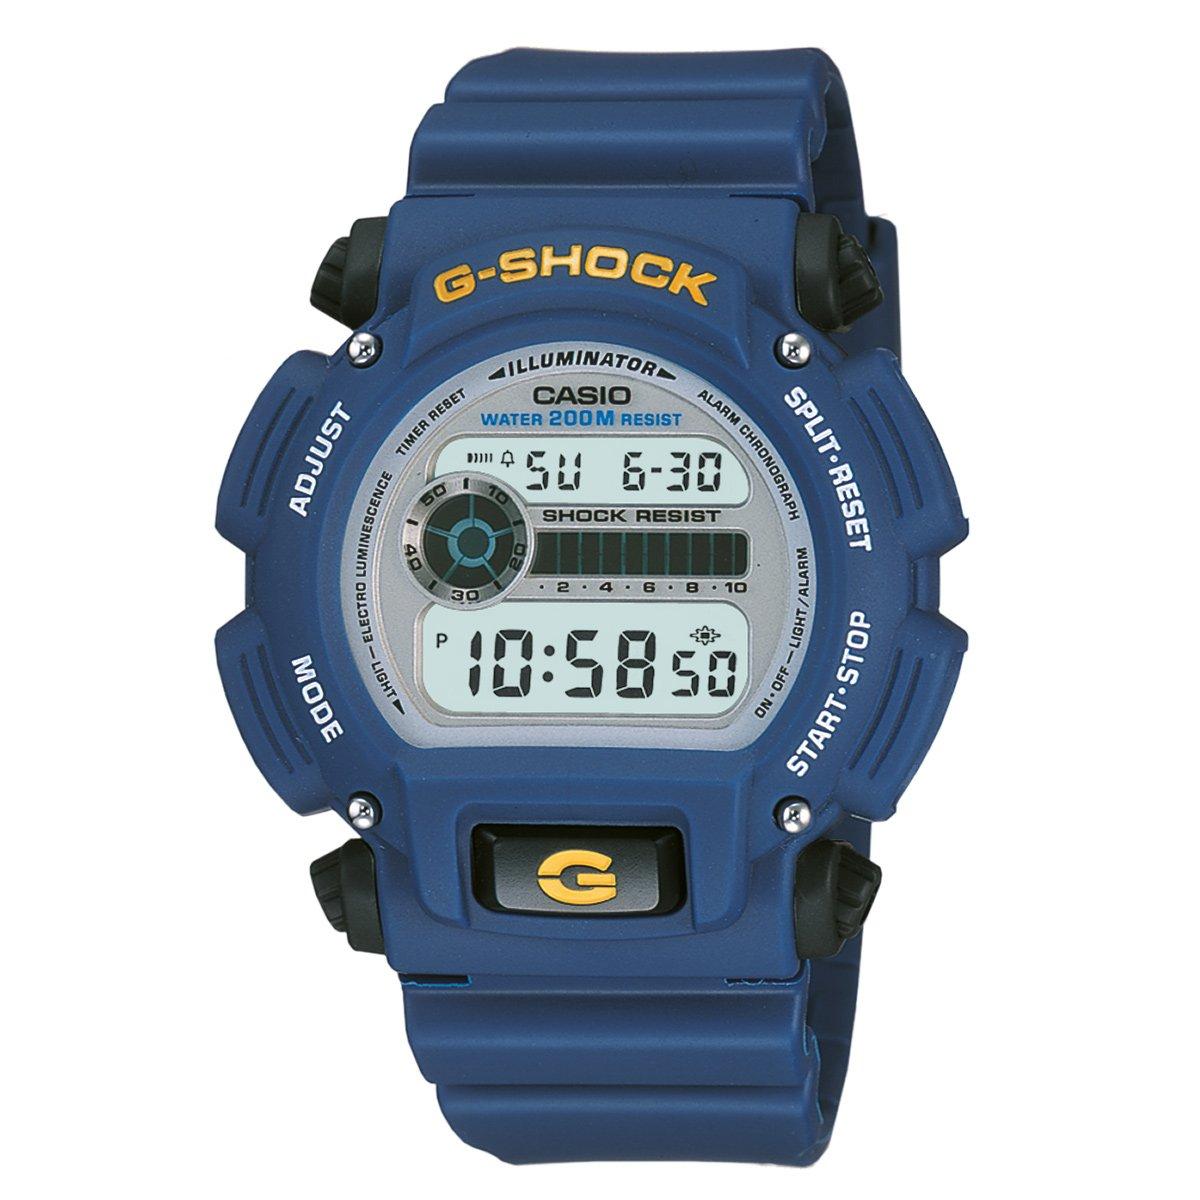 173caf95a76 Relógio Casio G-Shock Digital DW-9052 - Azul Petróleo - Compre Agora ...